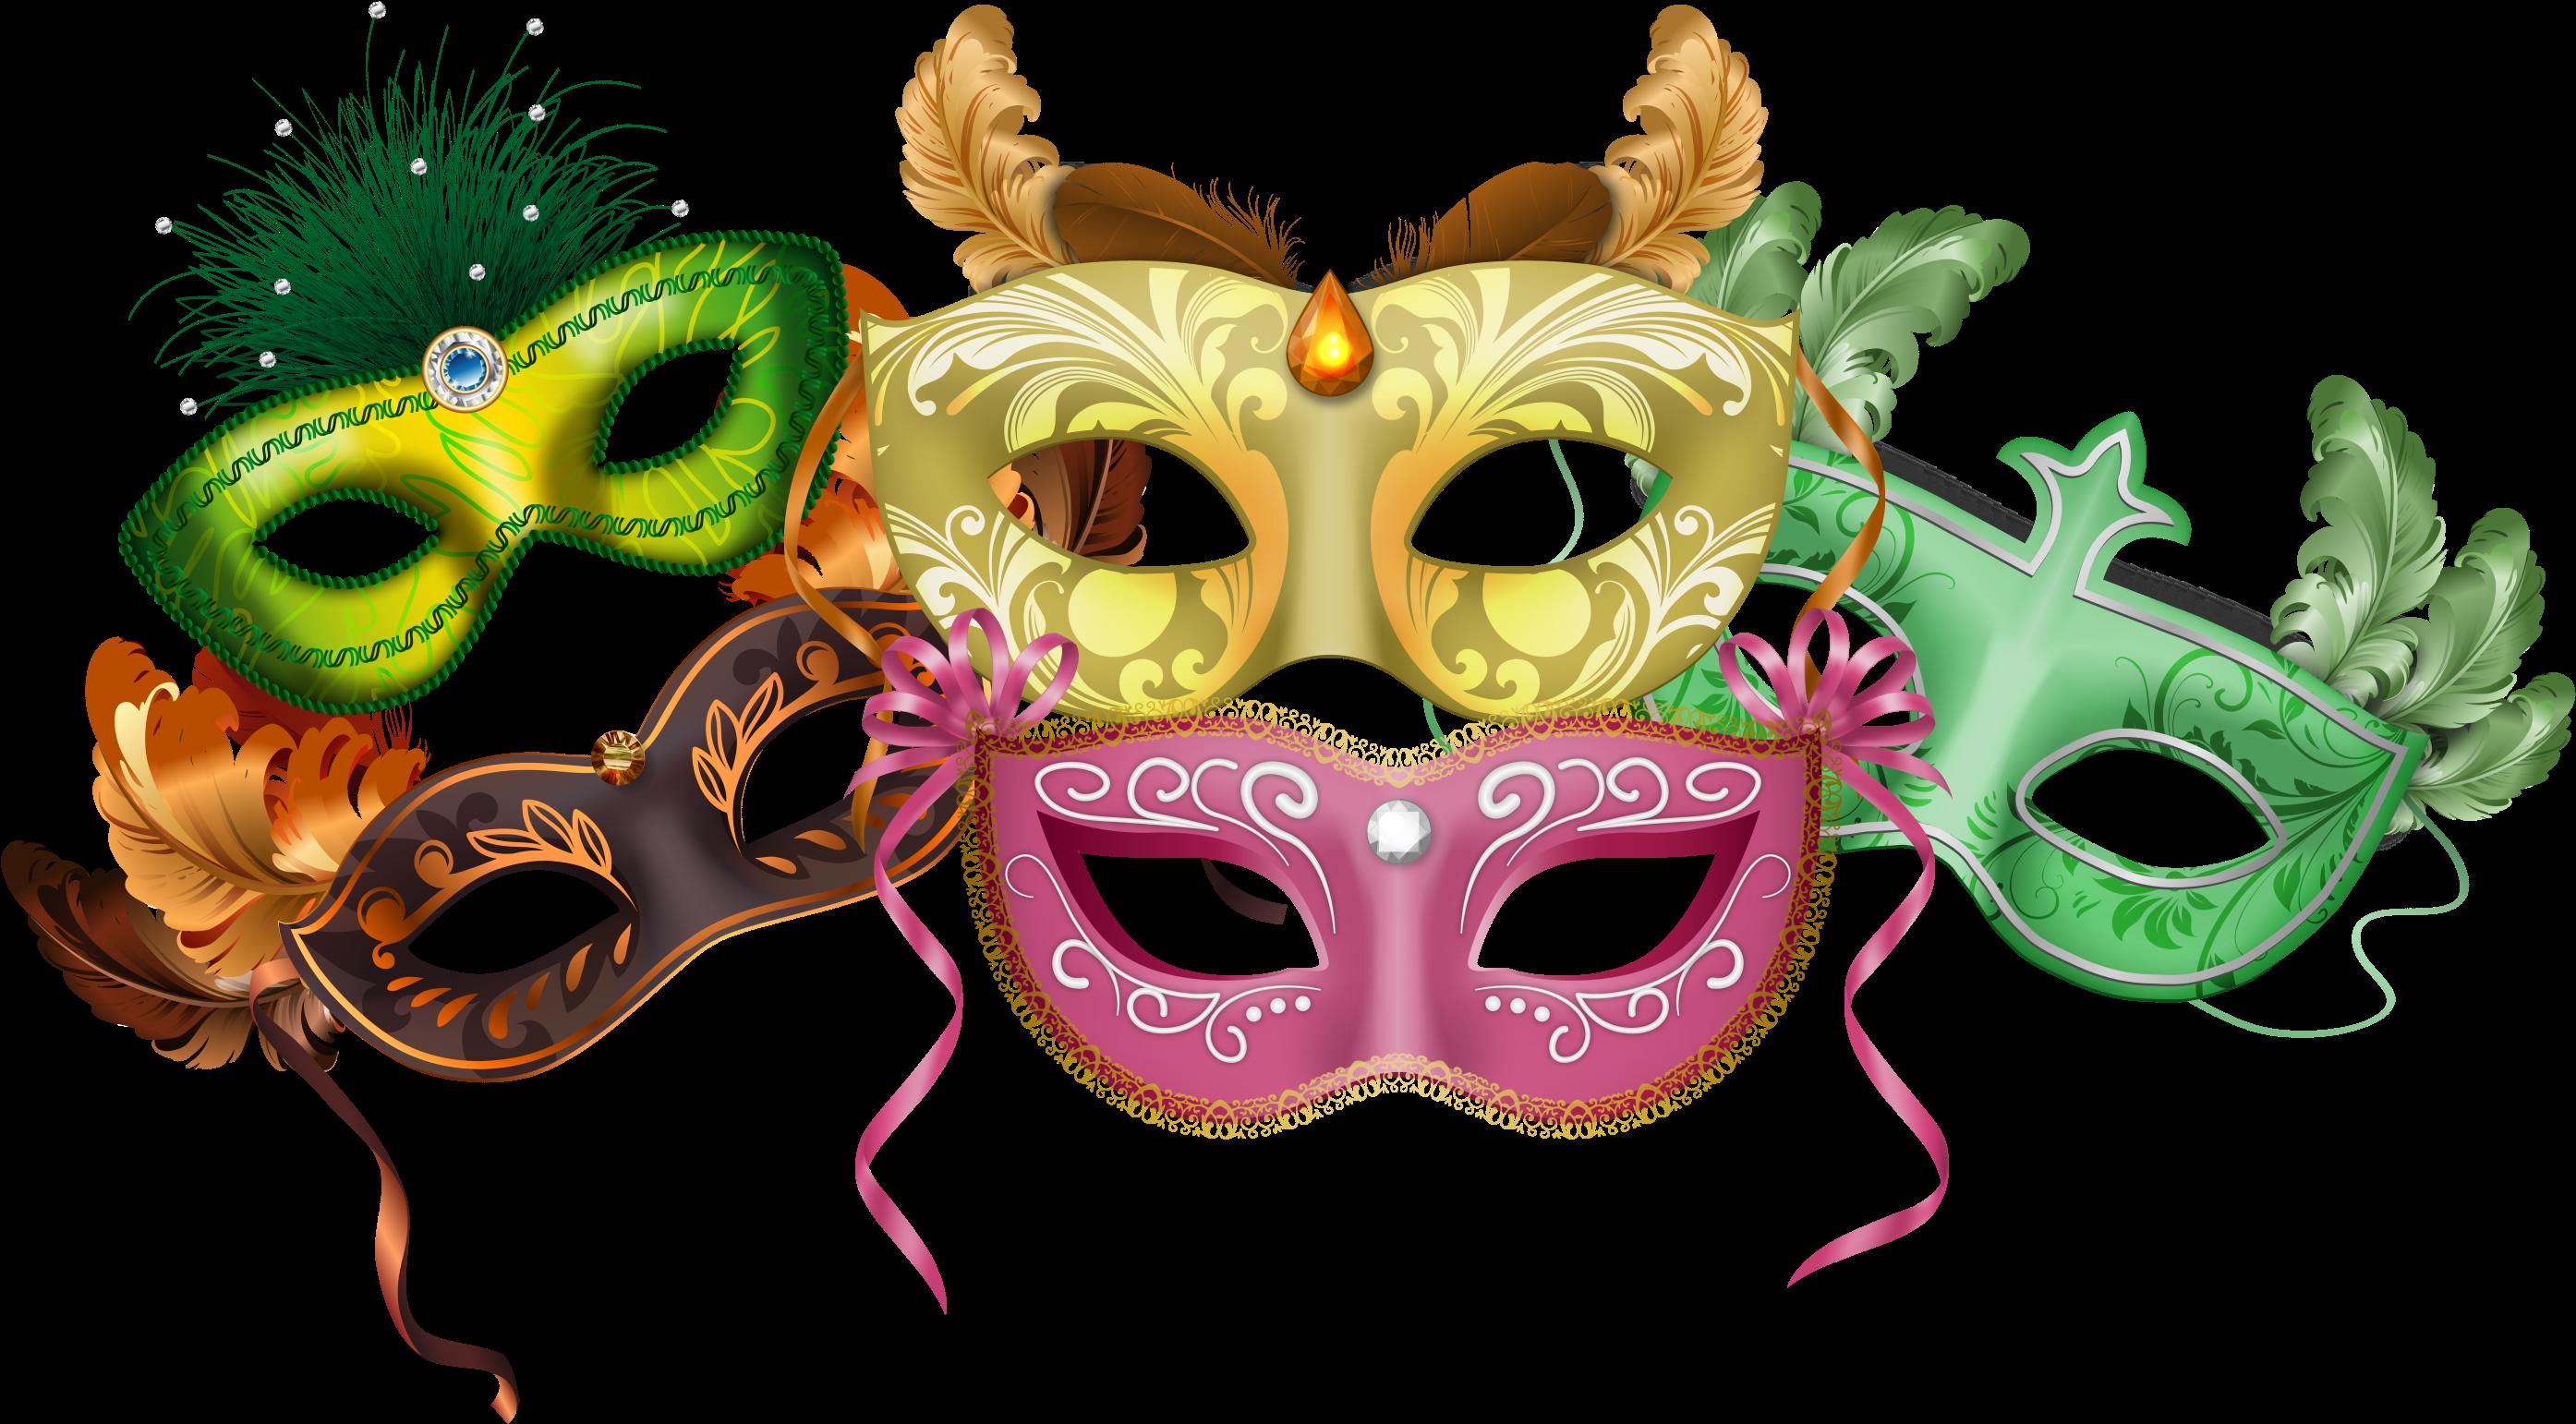 картинки для масок для театра центрифугируете